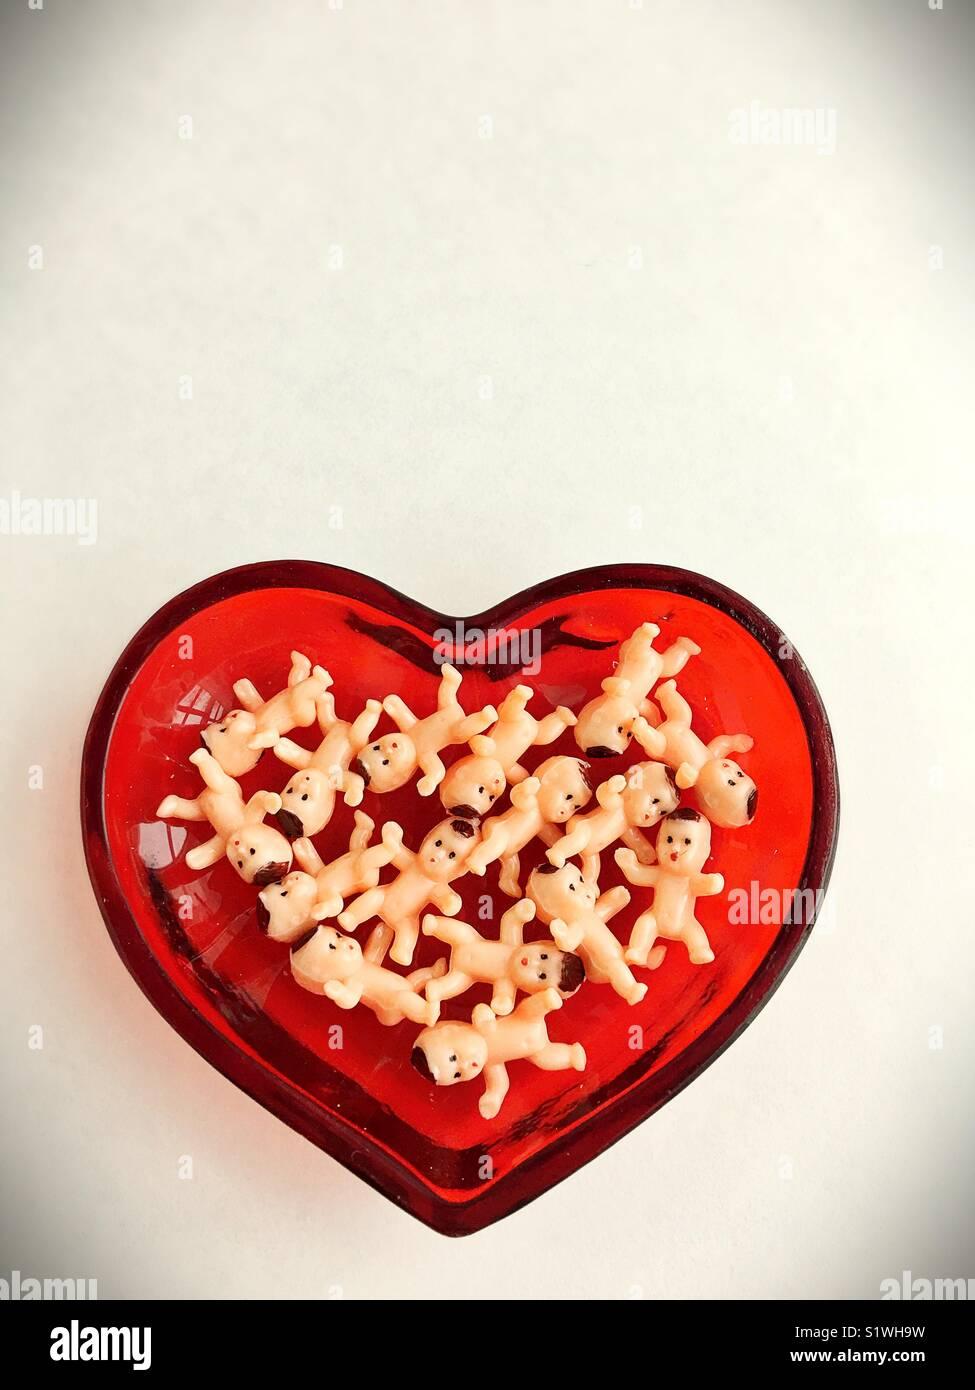 Kunststoff miniatur Puppen in Herzform Teller. Stockfoto